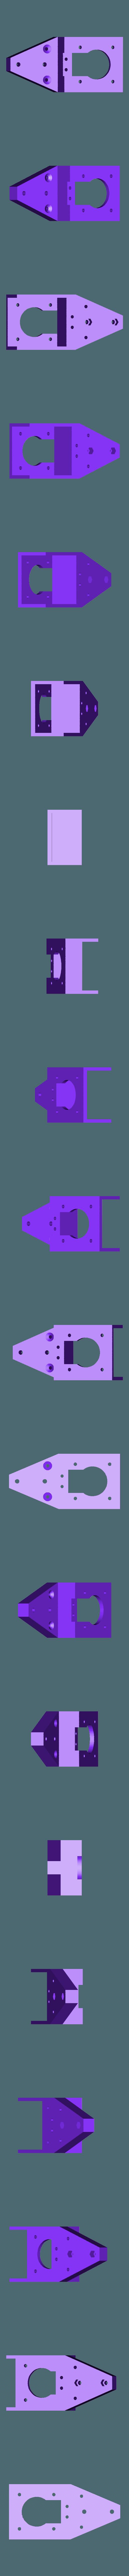 selector_v41_selector_v41_motor_mount_1_Body1_motor_mount.stl Télécharger fichier STL gratuit Plasma Cutter plotter CNC • Modèle à imprimer en 3D, TinkersProjects